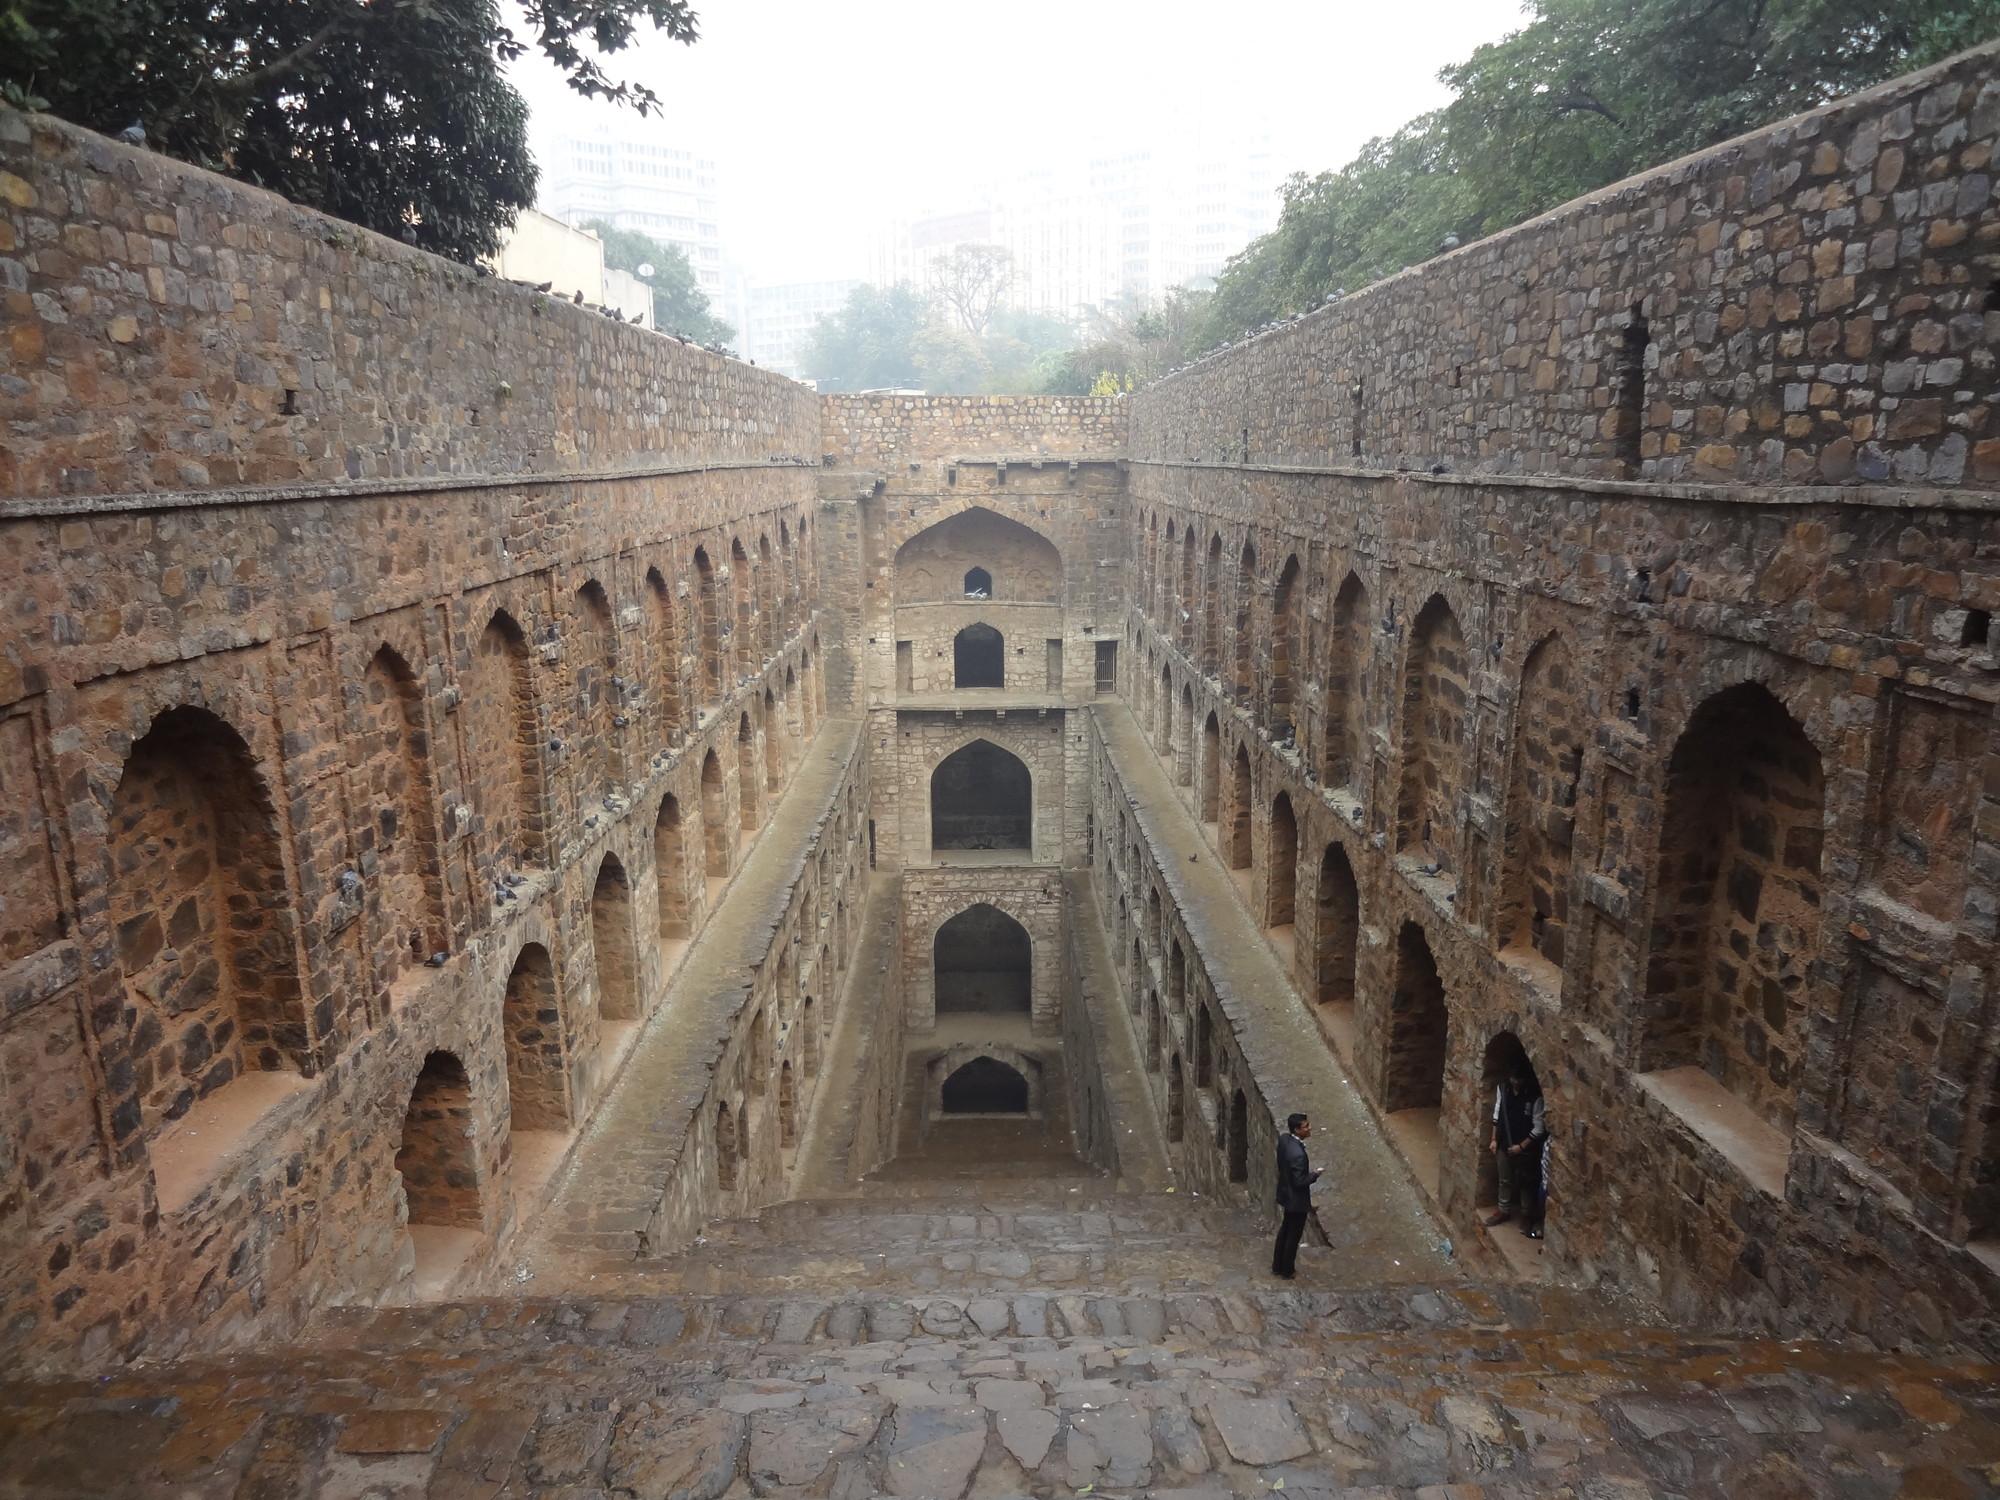 India's Forgotten Stepwells, Agrasen ki Baoli, Delhi. Image ©Victoria S. Lautman